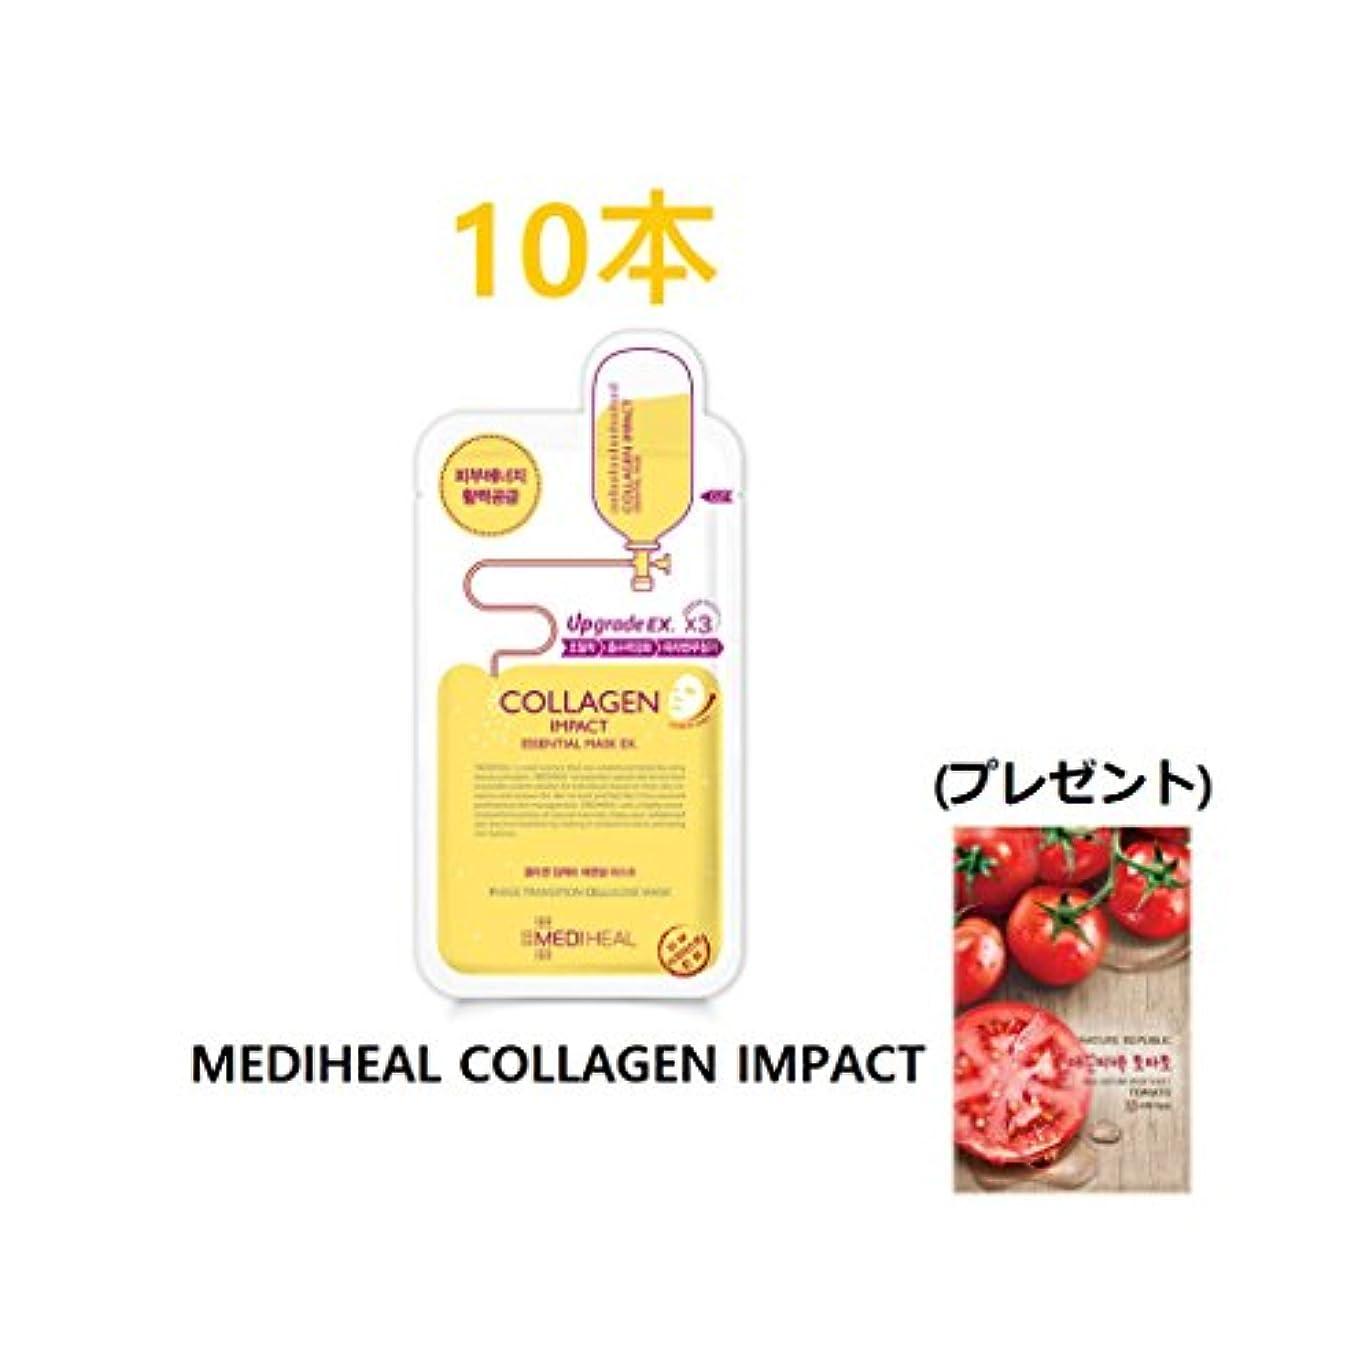 細い呼吸逆(プレゼント) Mediheal Collagen Impact REX (メディヒール) エッセンシャルマスクパック10枚セット/コラーゲンインパクト/ [並行輸入品]